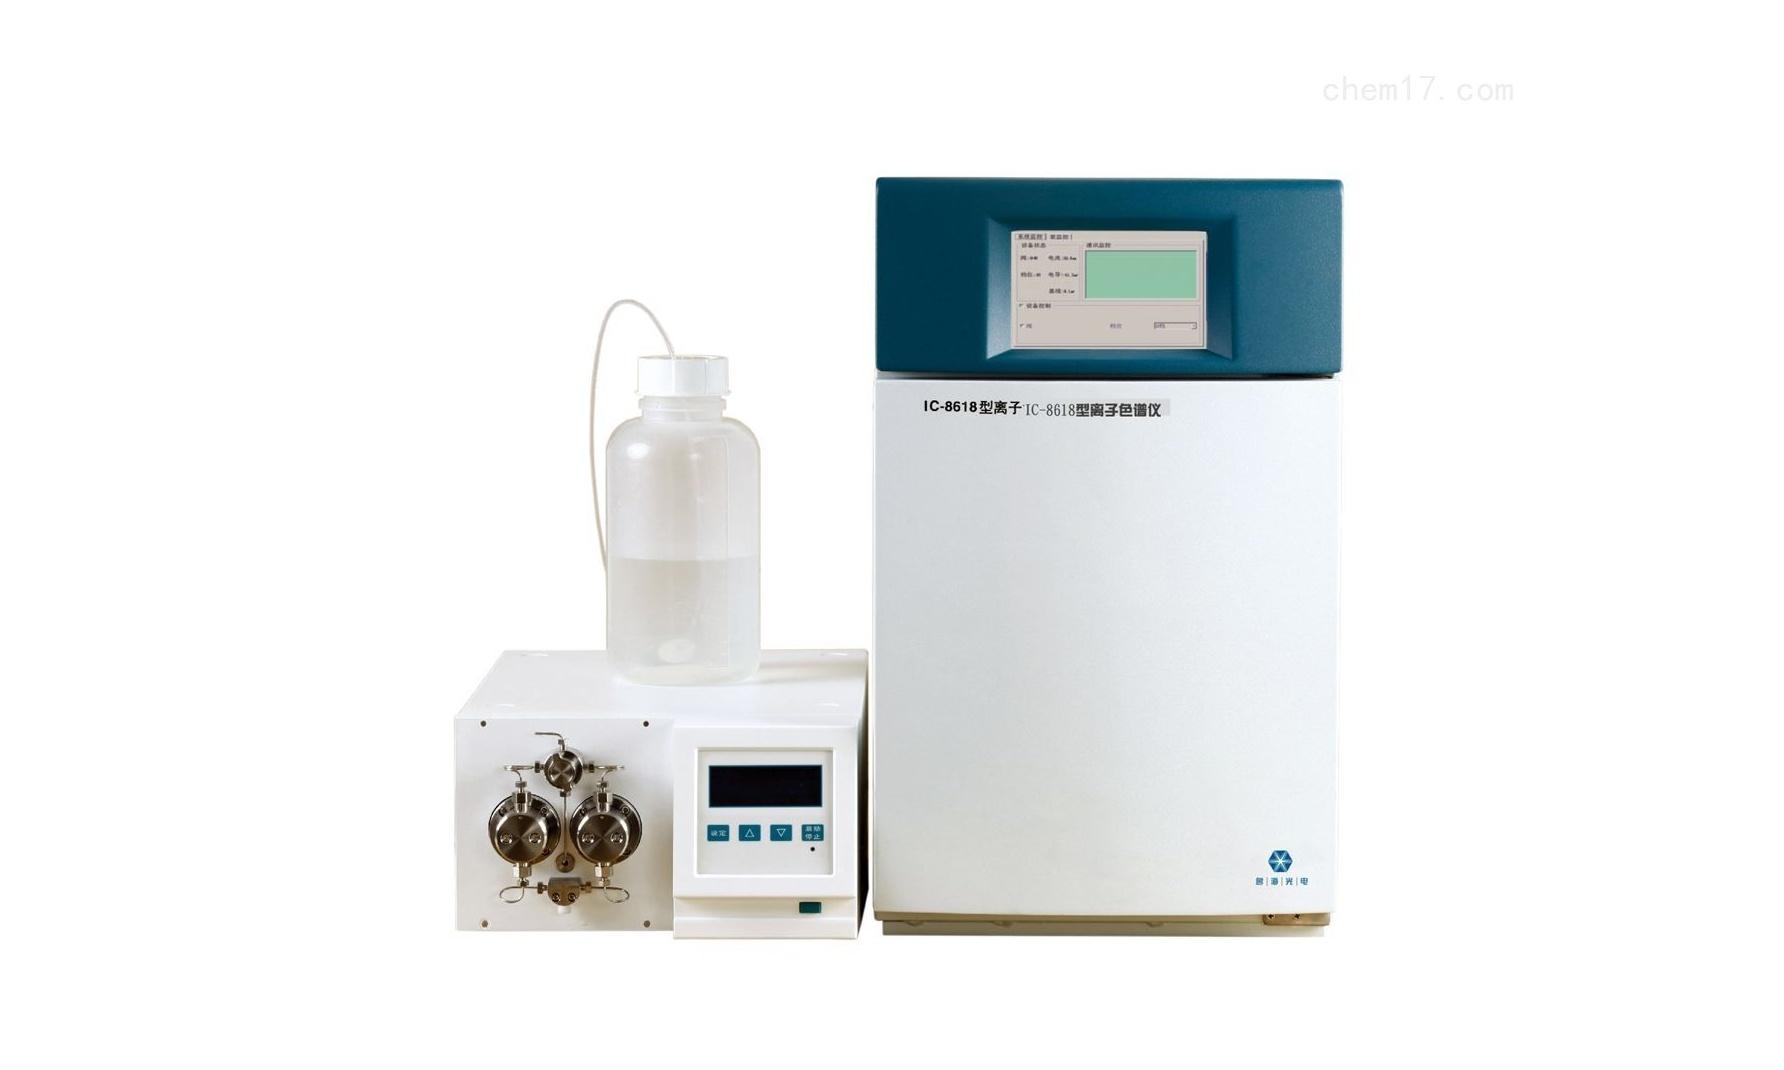 天津理工大学离子色谱仪等仪器设备采购项目招标